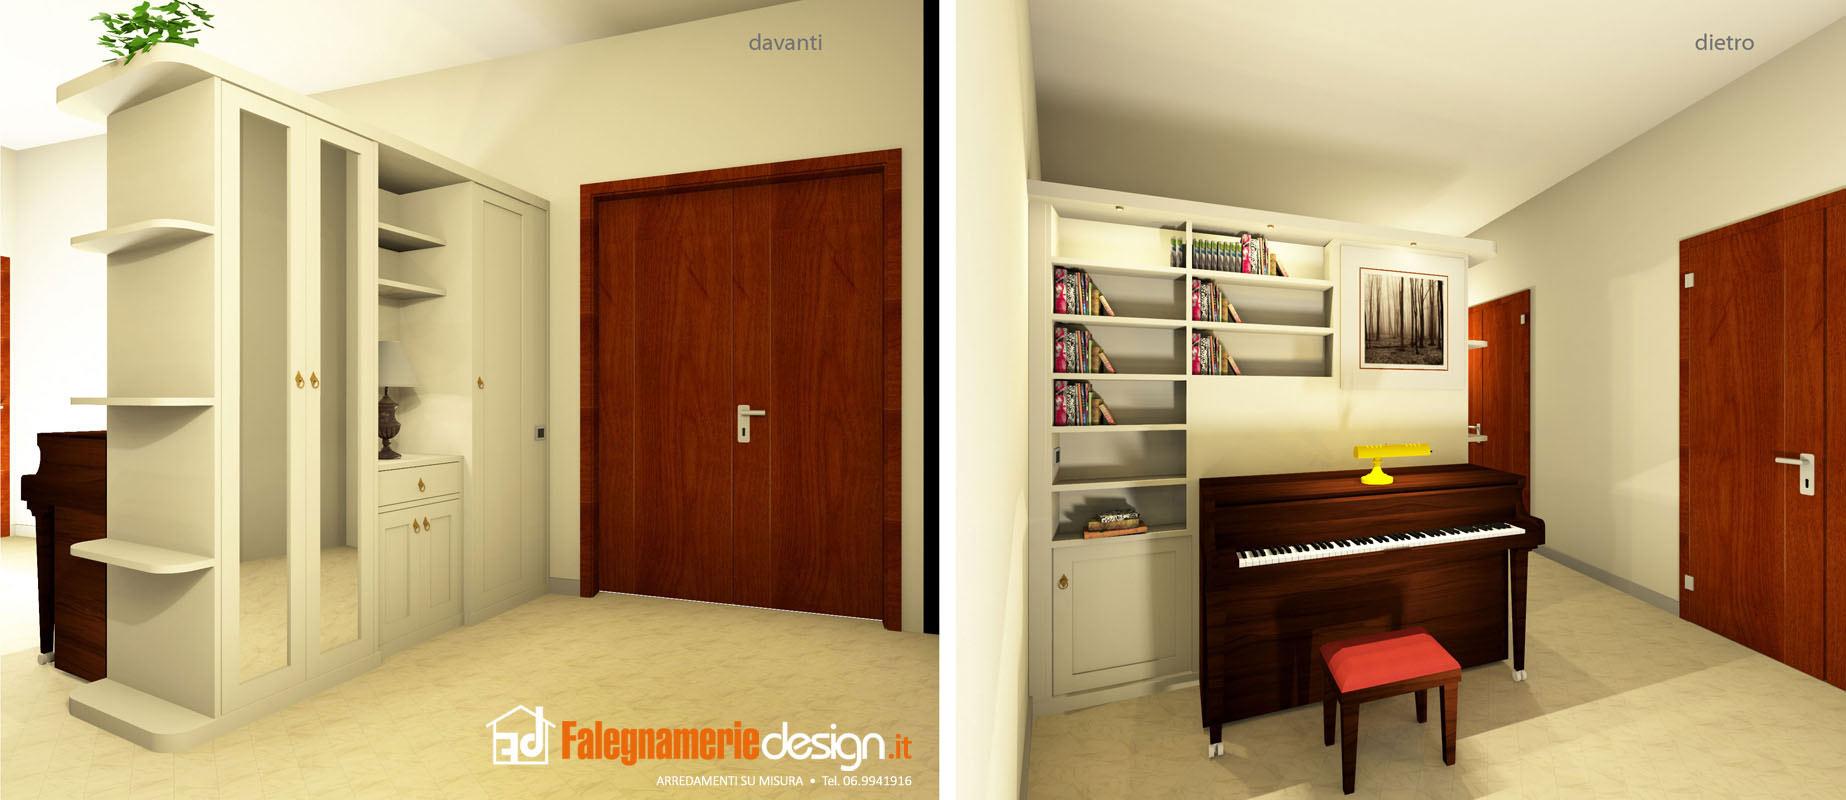 Libreria bifacciale per soggiorno arredamenti e mobili - Armadi da soggiorno ...